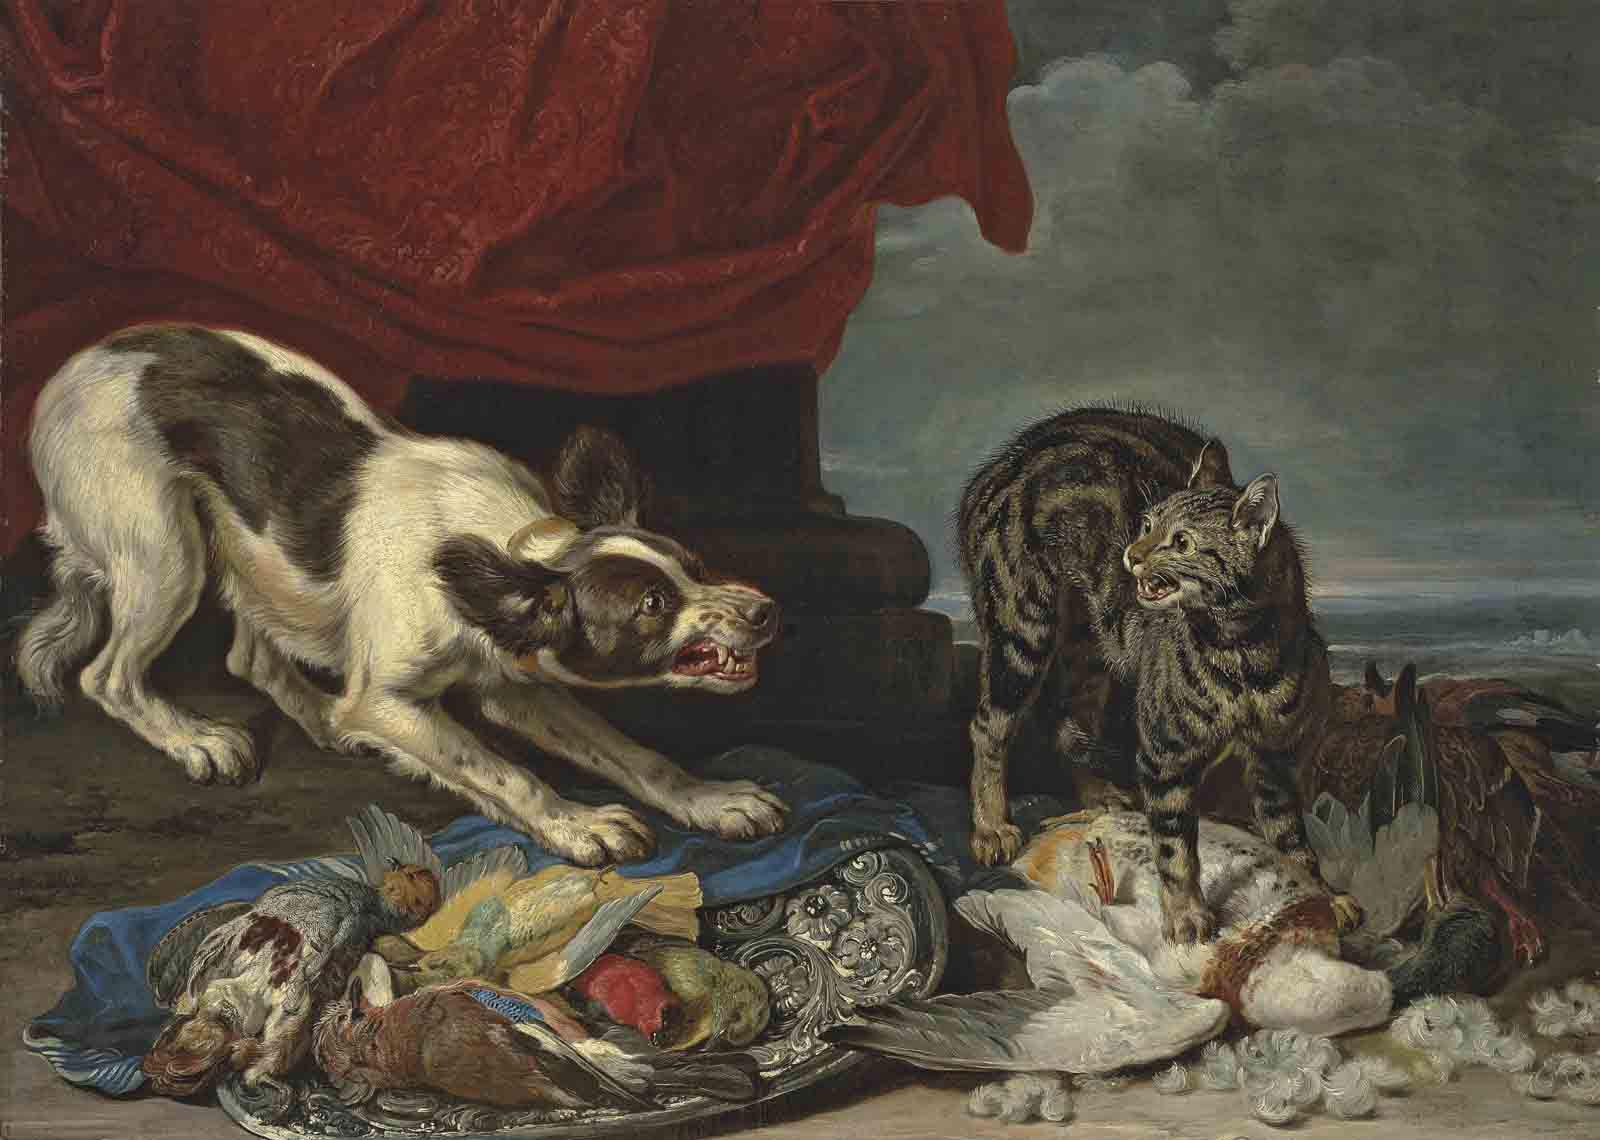 David de Coninck (Antwerp 1636